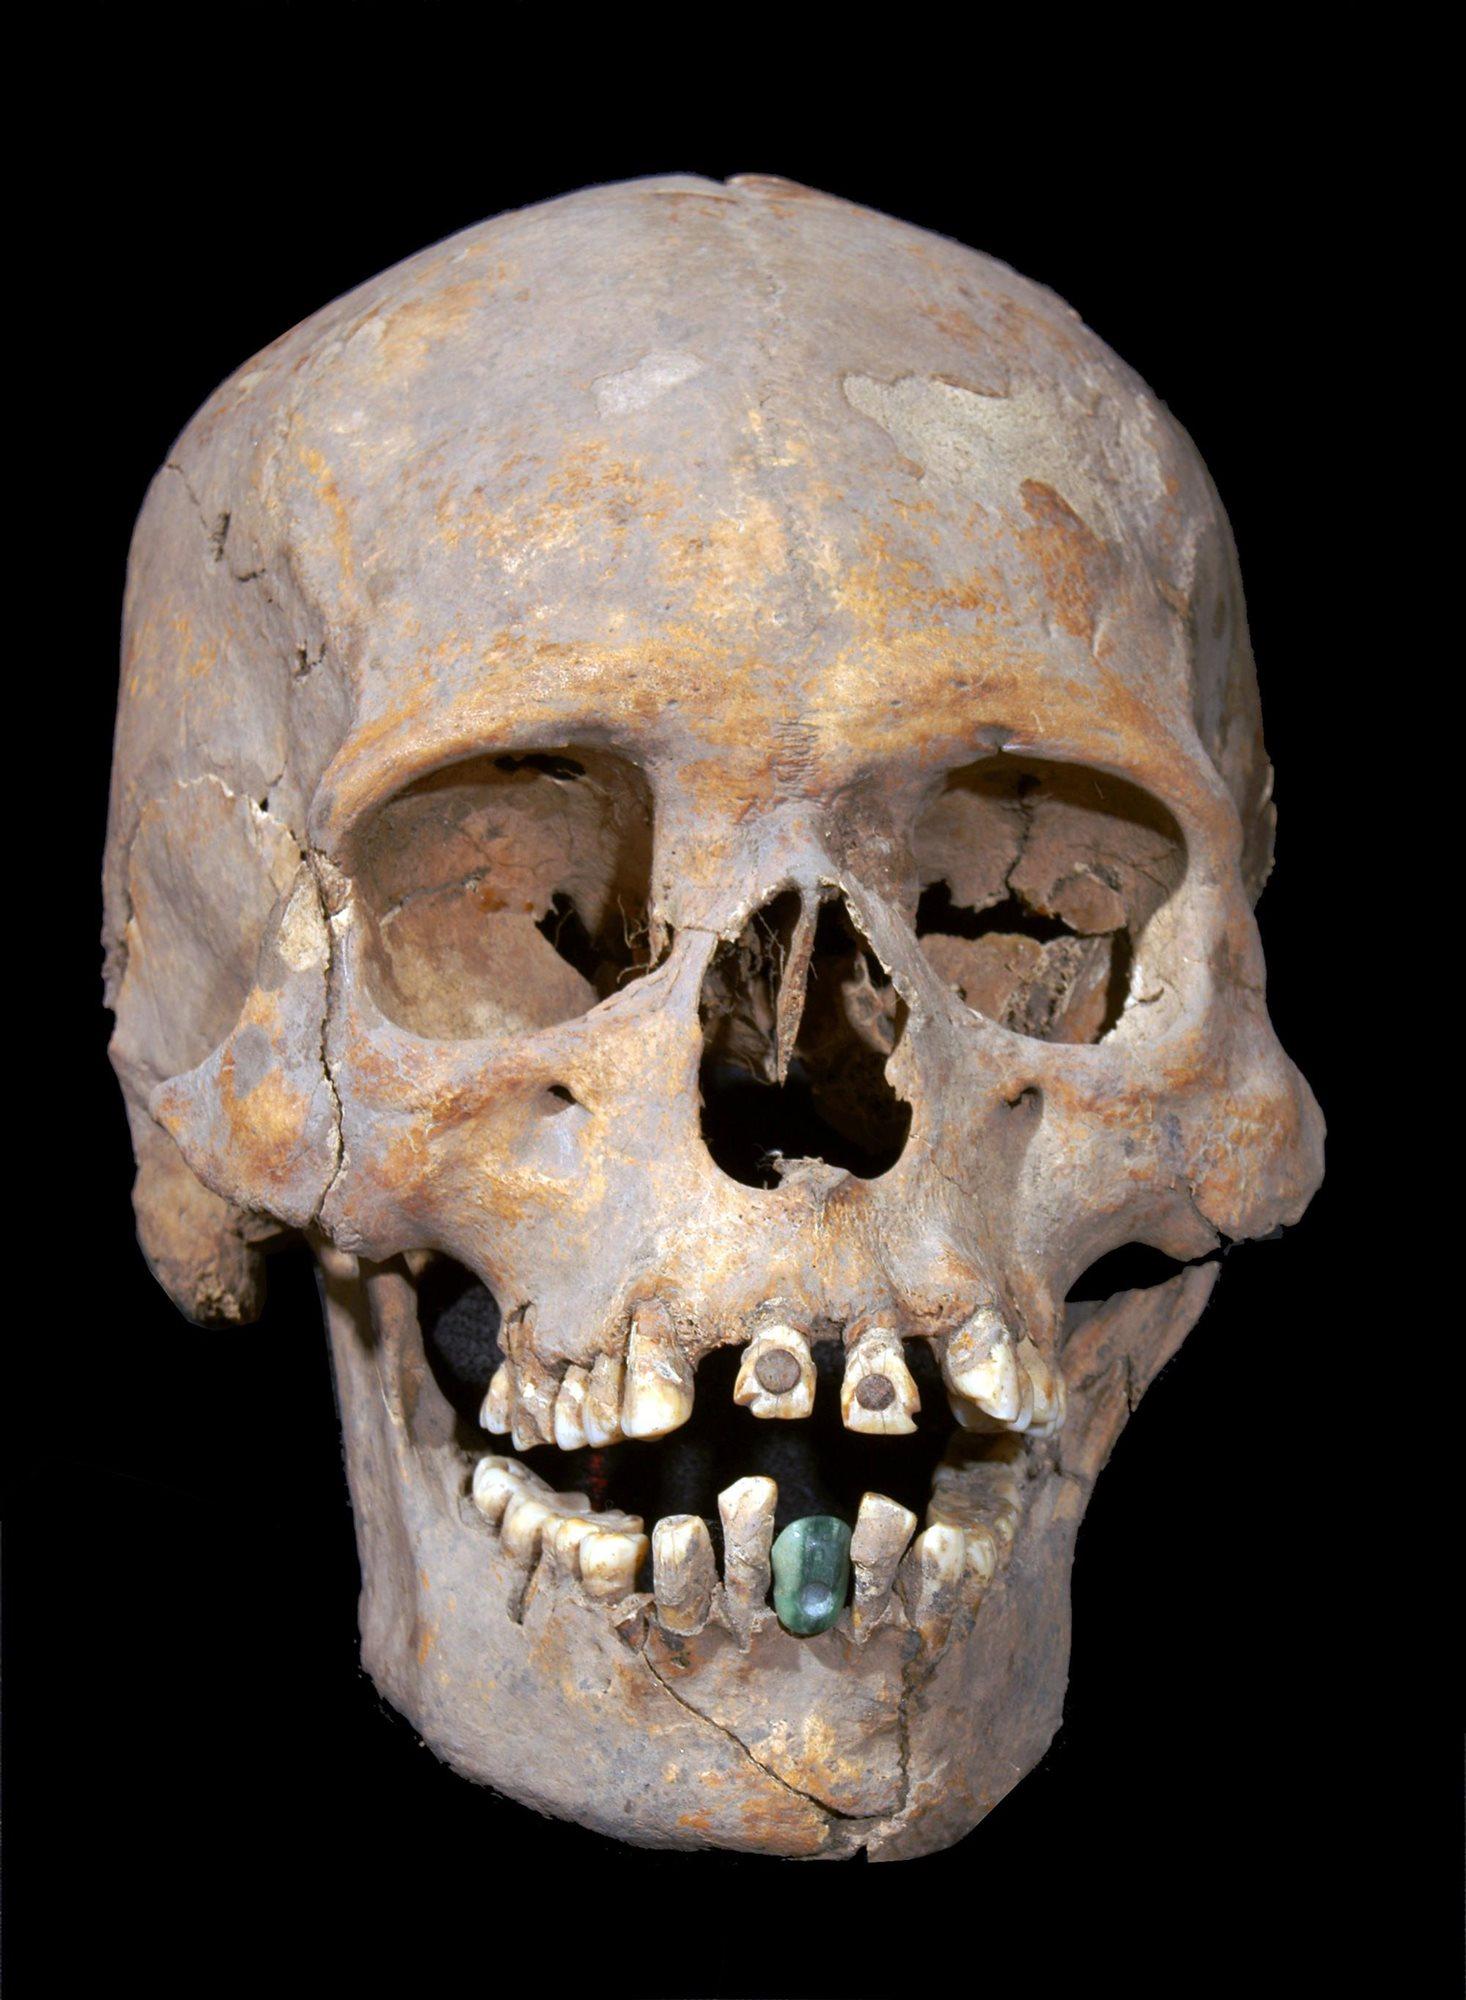 Череп женщины возрастом 35—40 лет. Он был найден при раскопках древнего города Теотиуакан неподалеку от Мехико. Возраст находки — 1 600 лет. Нижний искусственный зуб сделан из серпентина.